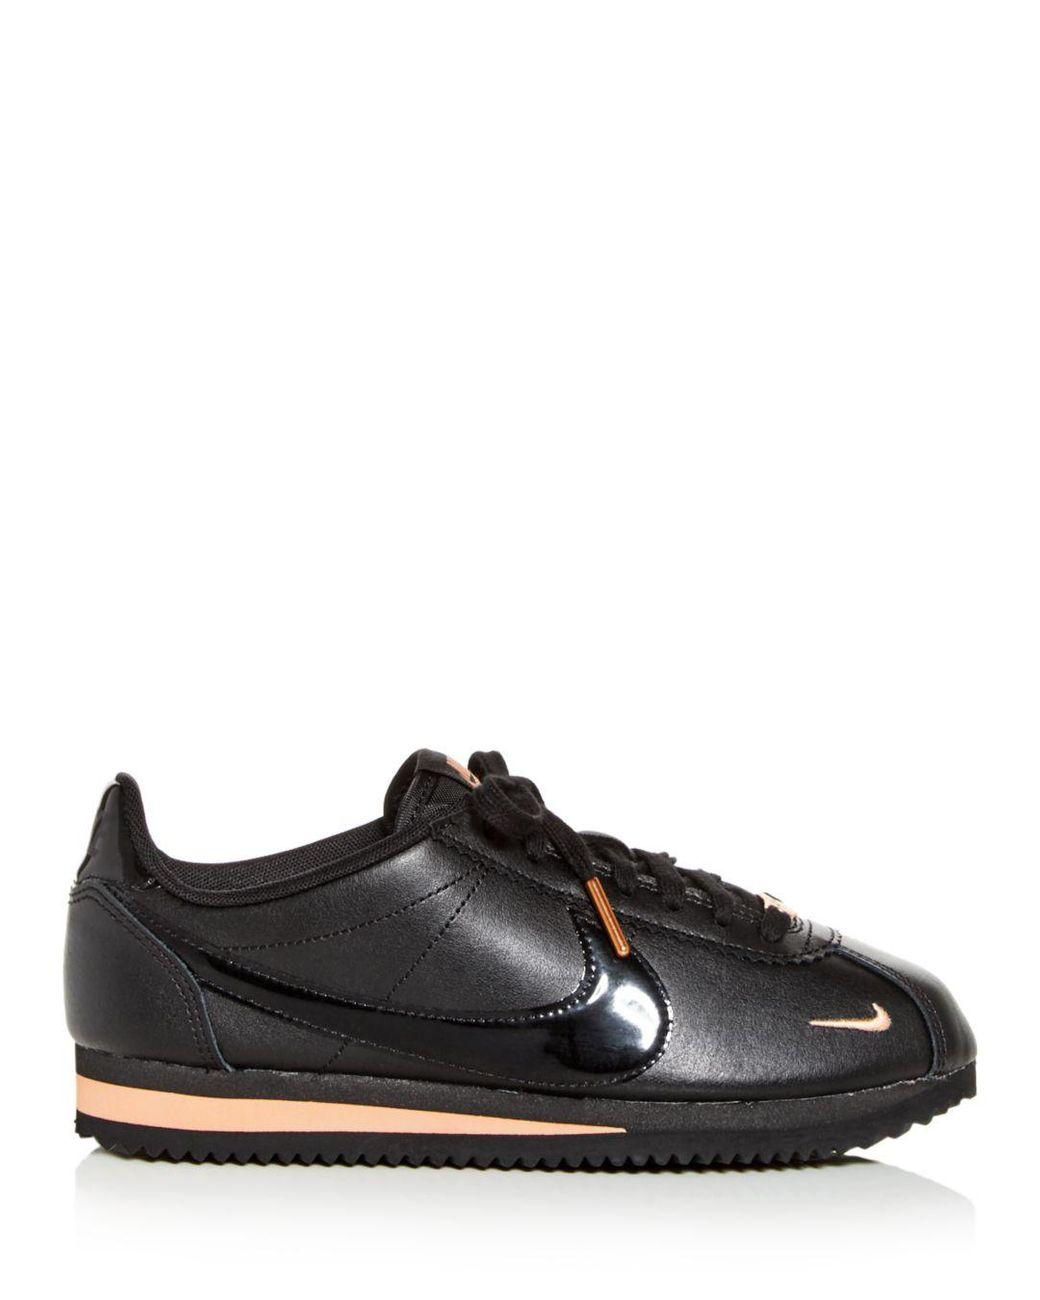 online retailer 09dbe 1261c Black Women's Classic Cortez Premium Low - Top Sneakers